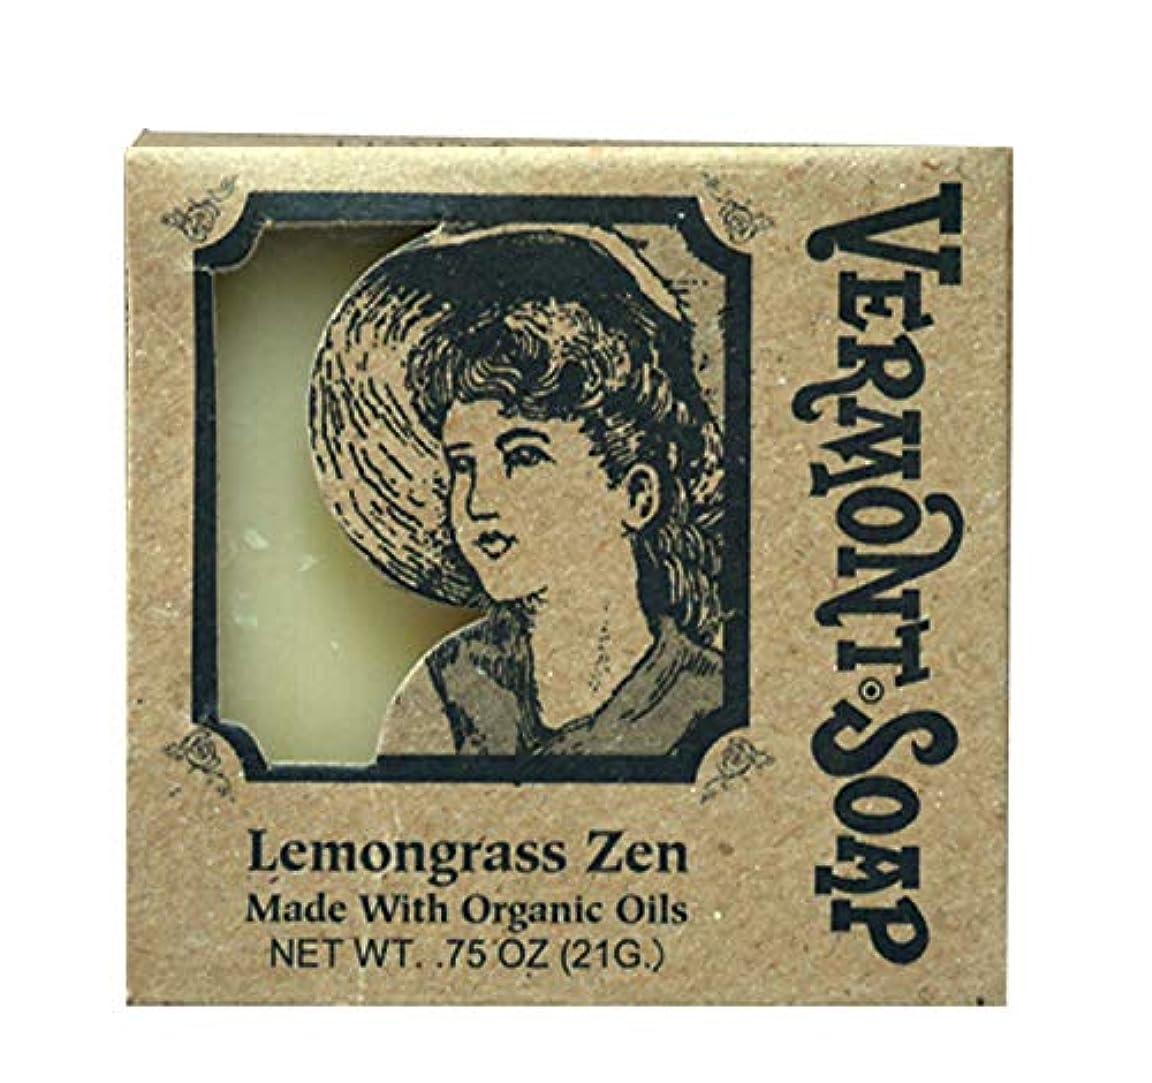 胚コック民族主義バーモントソープ トラベル用 (レモングラス) オーガニック石鹸 洗顔 21g